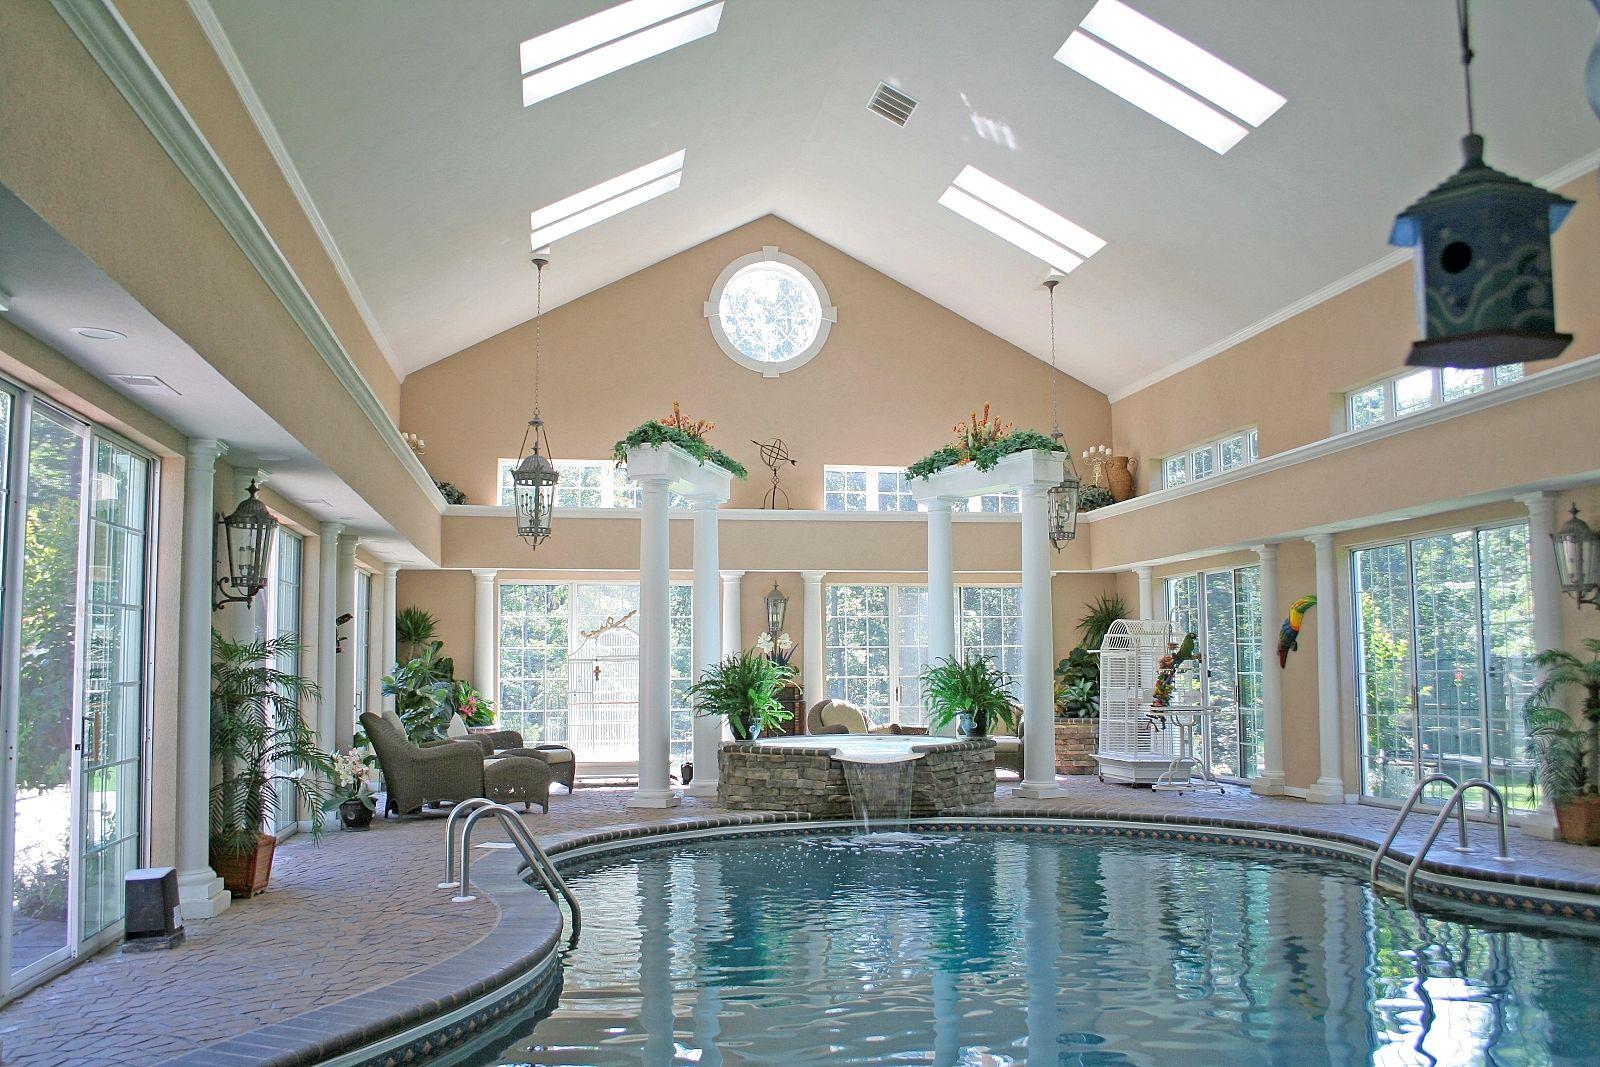 Gallery | Swimming pool house, Inside pool, Indoor pool